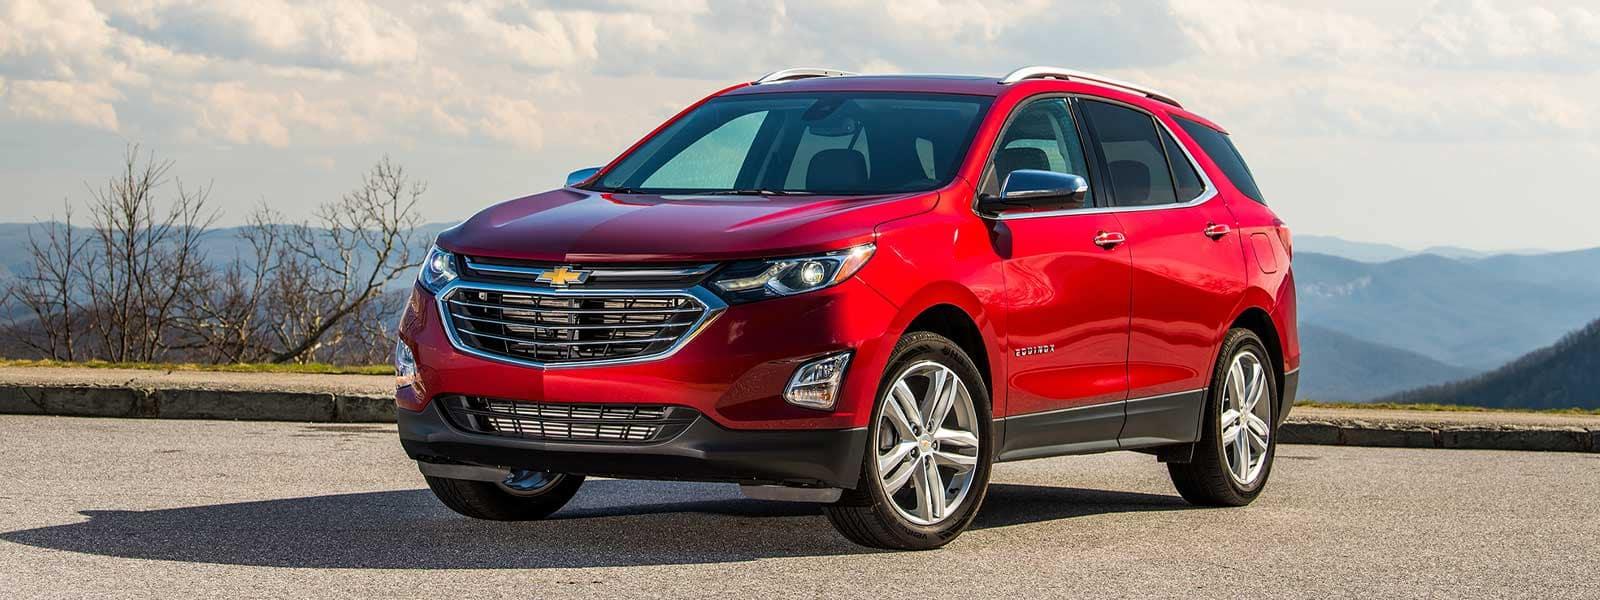 Buy 2021 Chevrolet Equinox in Regina Saskatchewan